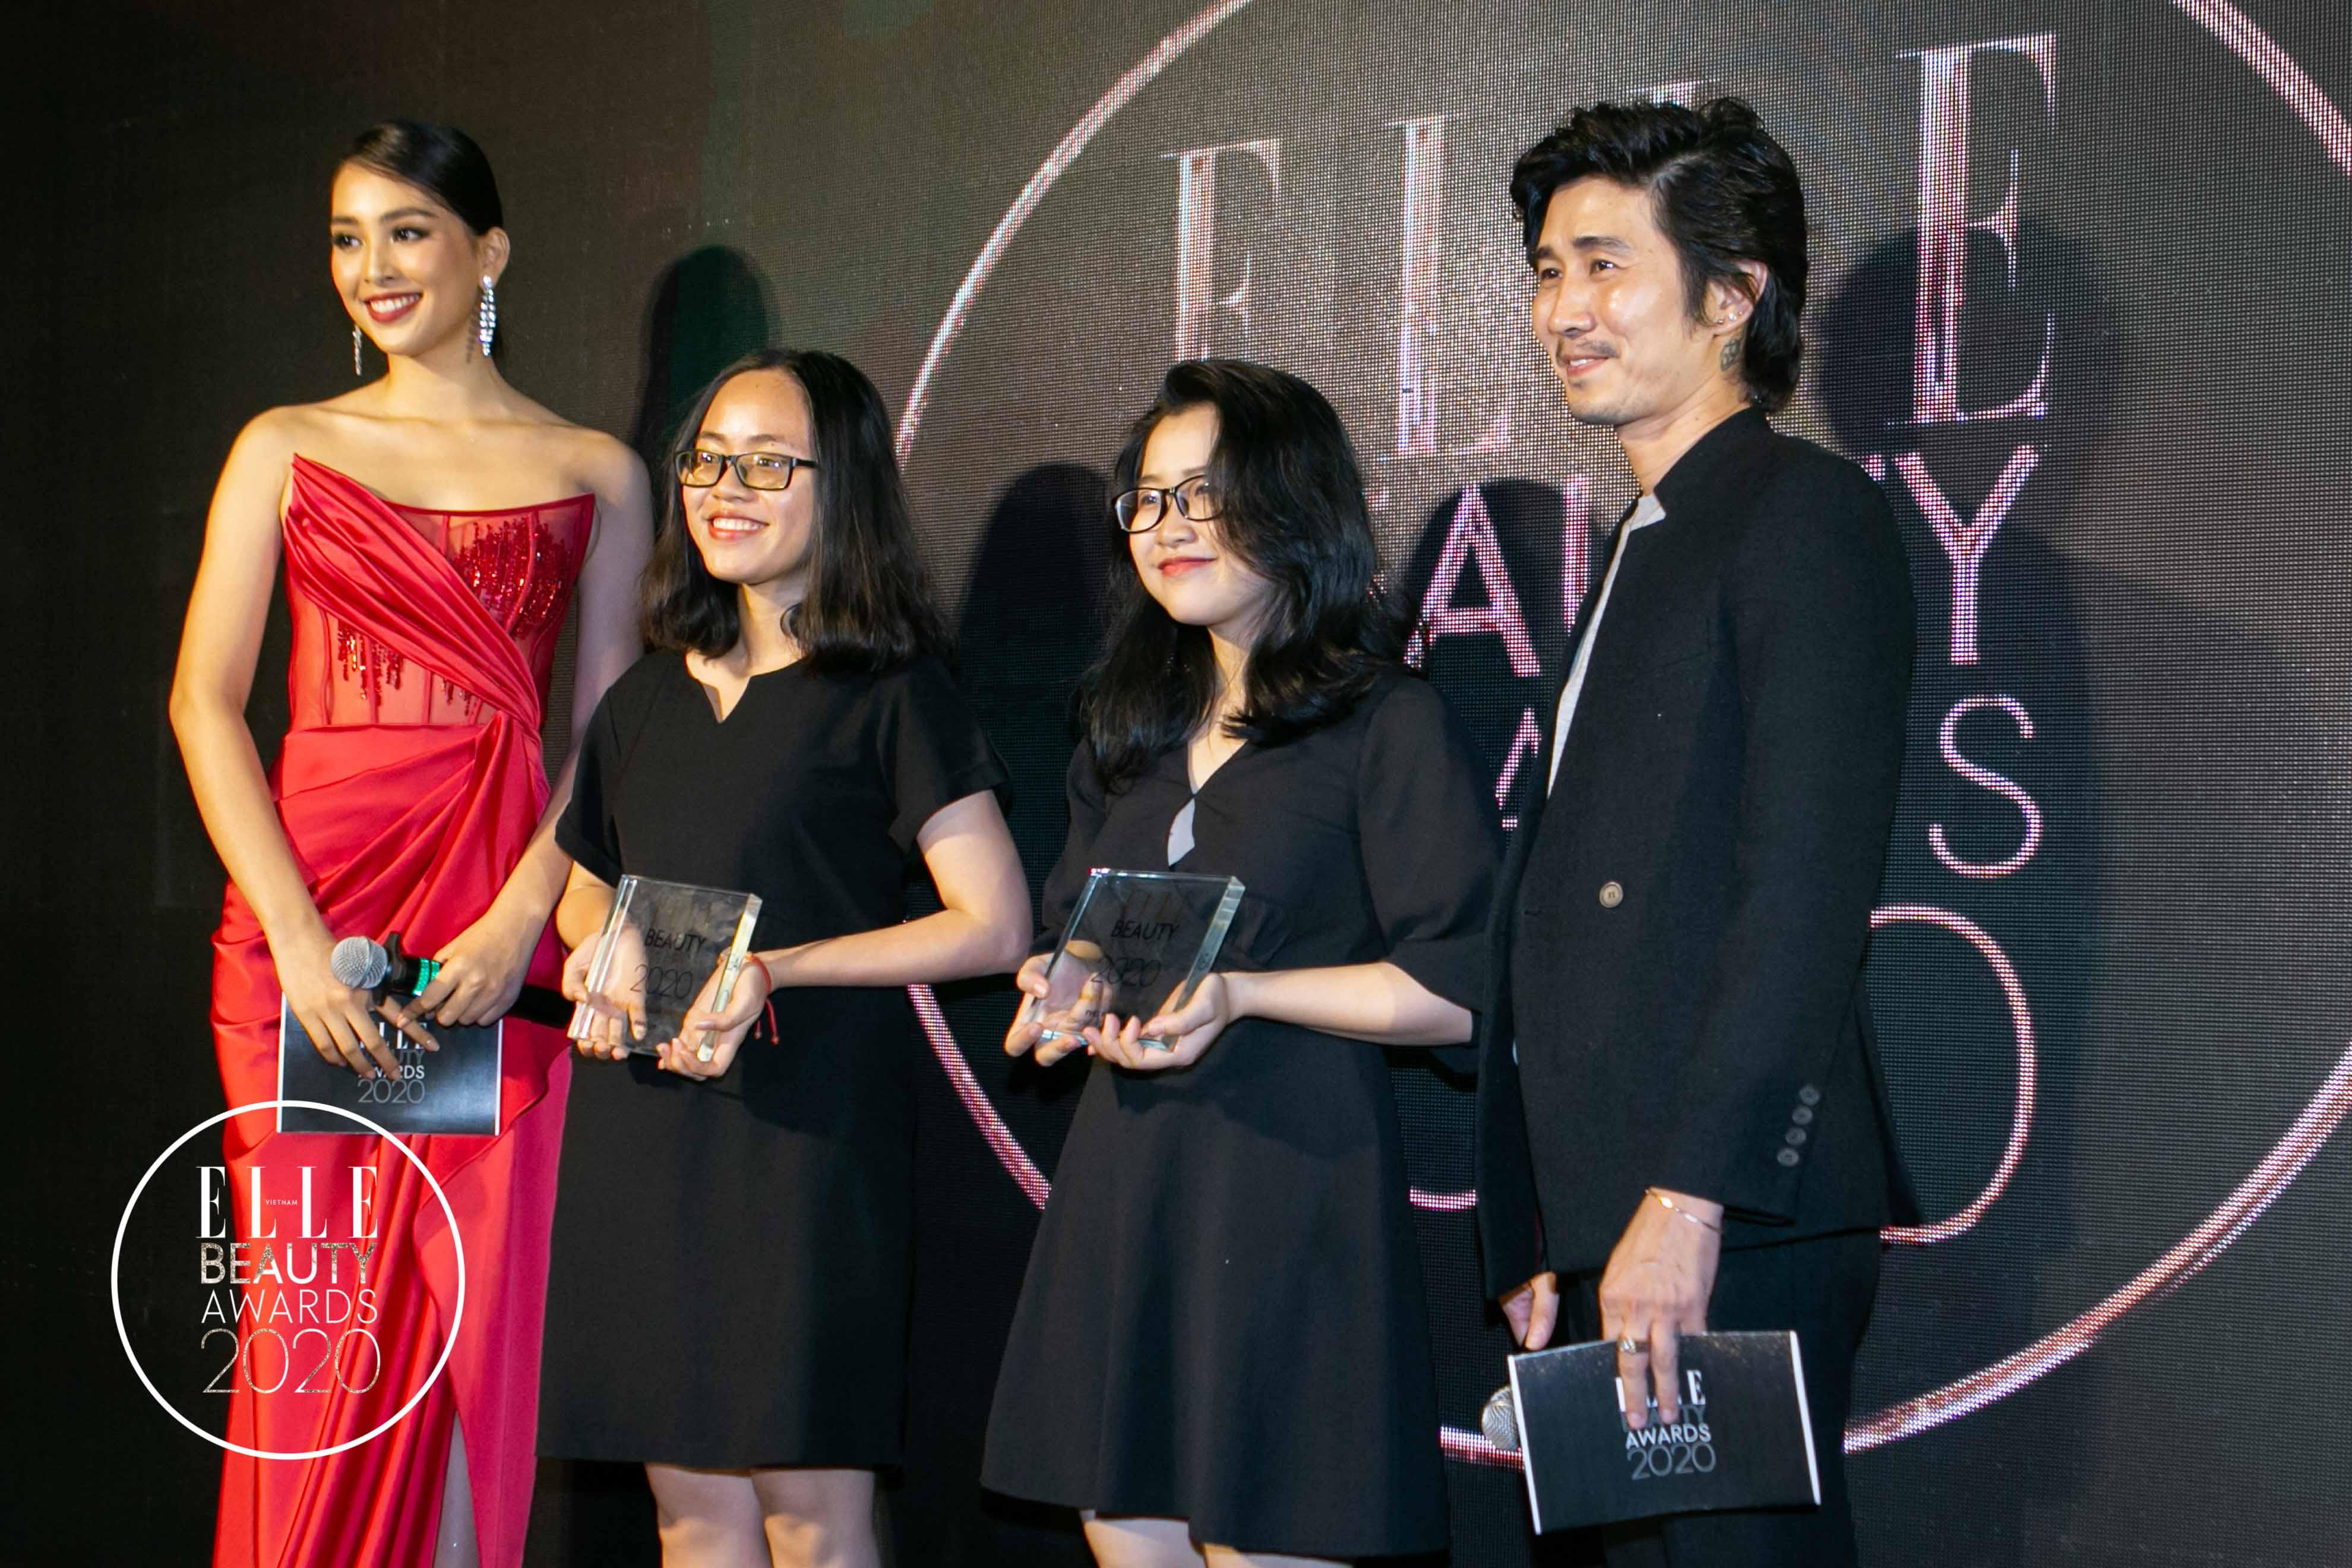 chuyên gia makeup tùng châu và hoa hậu tiểu vy trao giải 4